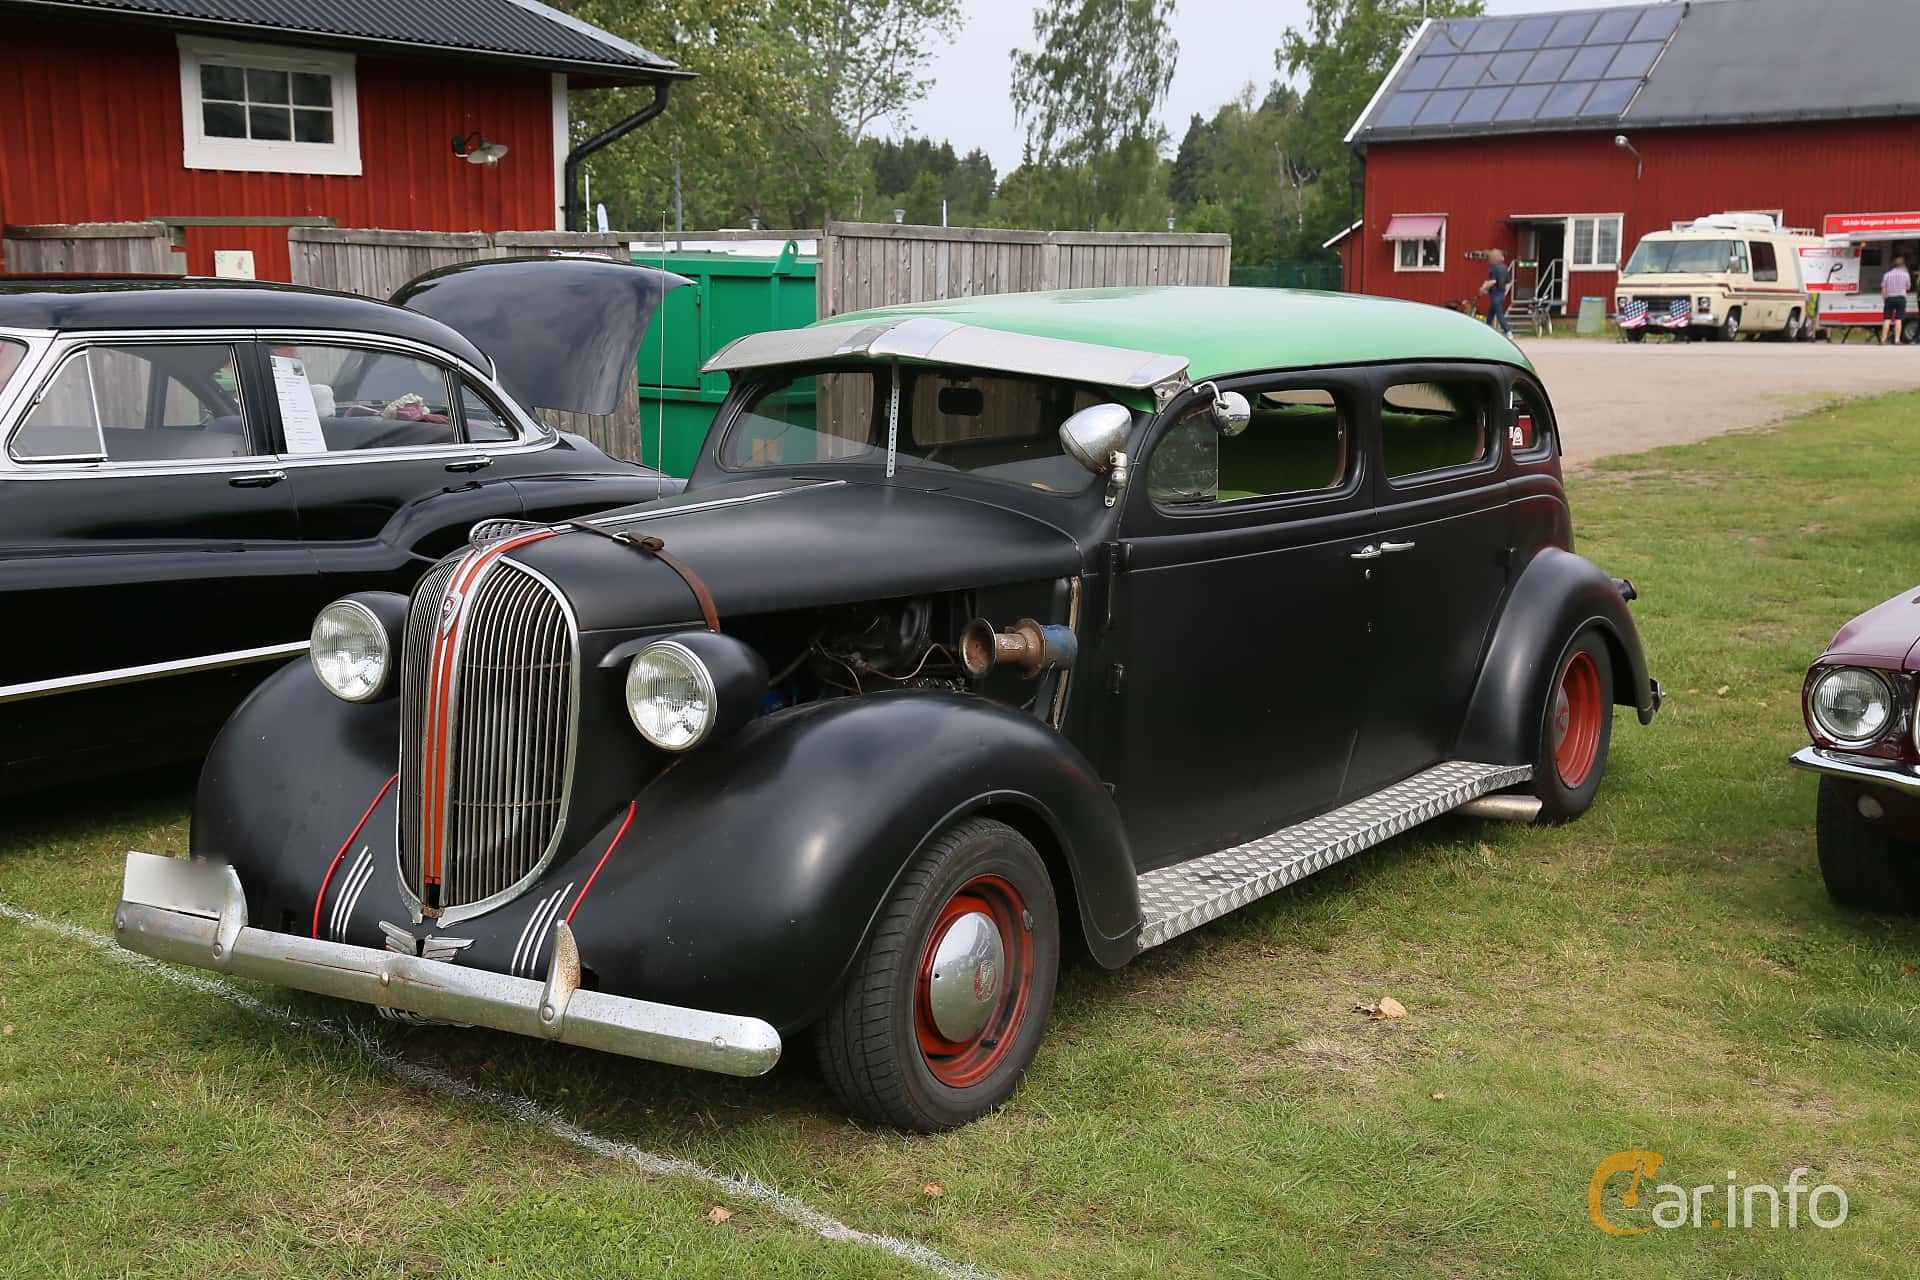 Plymouth Deluxe 4-door Sedan 3.3 Manual, 82hp, 1938 at Nostalgifestivalen i Vårgårda 2019